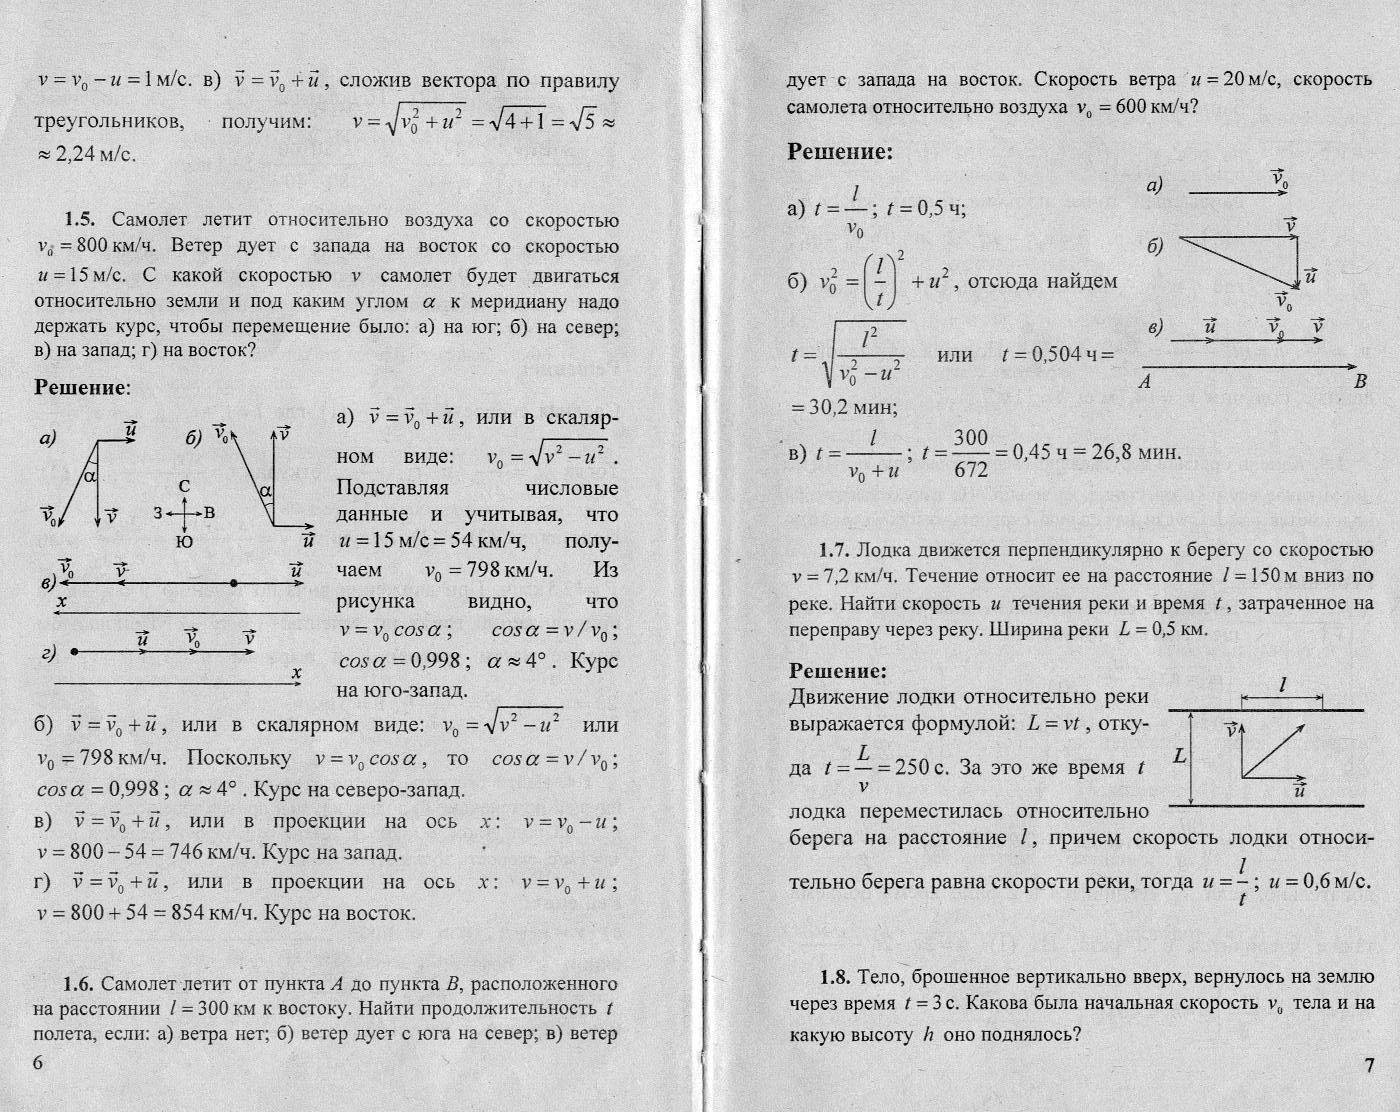 Гдз по математике страница 55 самостоятельные и контрольные работы 3класс н.б.истроман и г.г.шмырёва